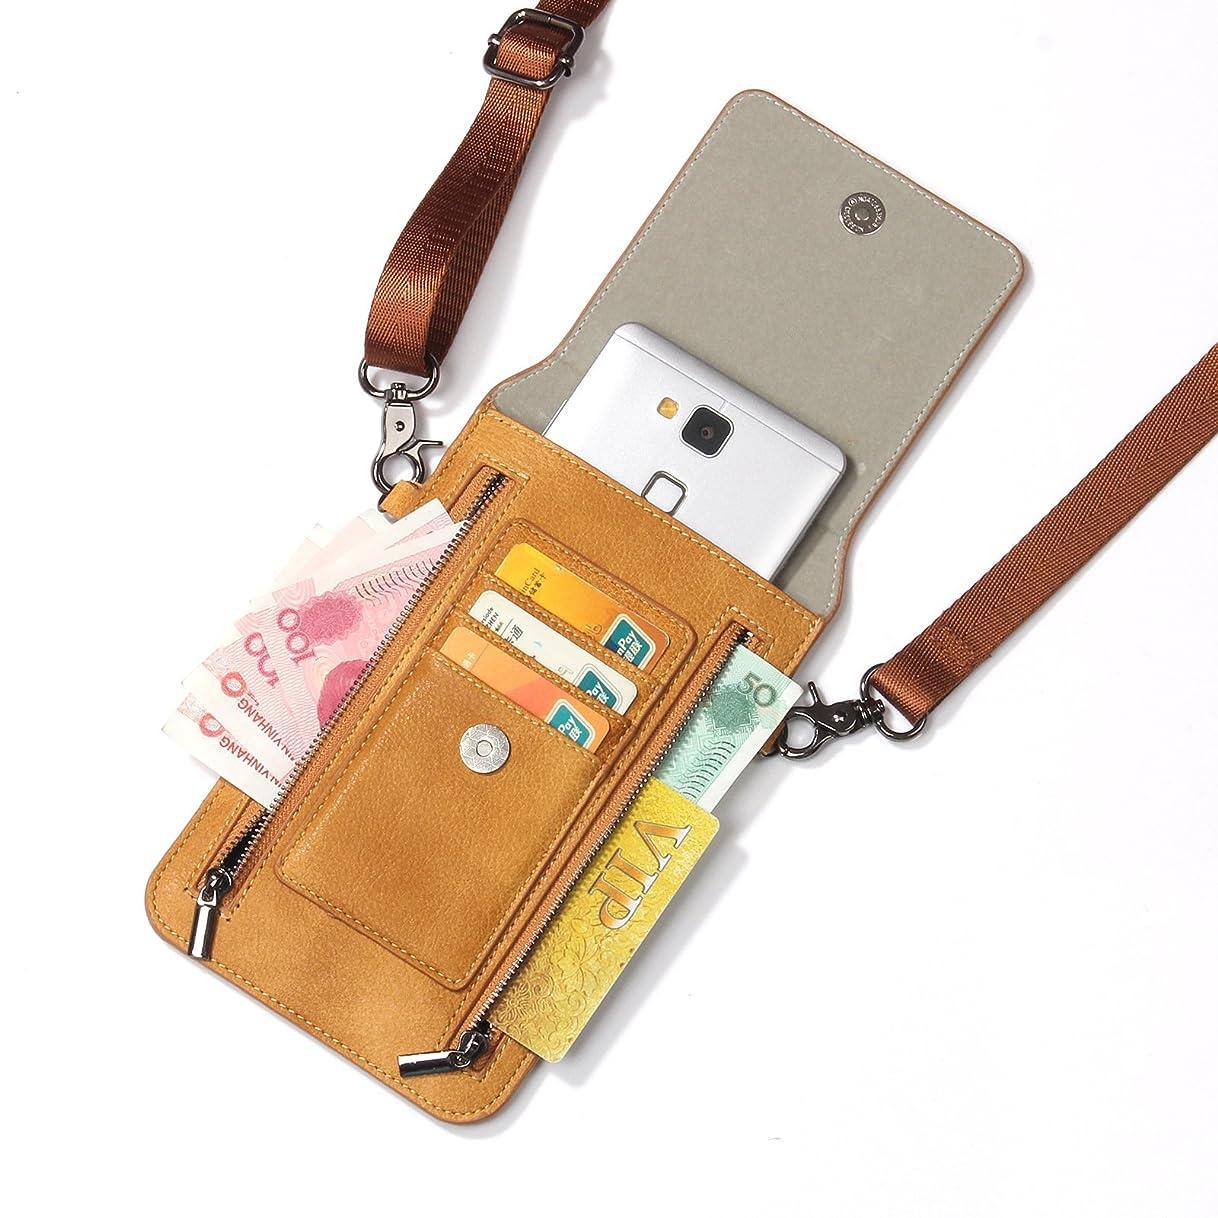 記念日四回高齢者iPhone XS Max ケース レザー INorton 多機能スマホポーチ 保護カバー 財布型 軽量 カード お金収納 ストラップ付き iPhone X /8/8Plus/7/7Plusなど6.5インチ汎用